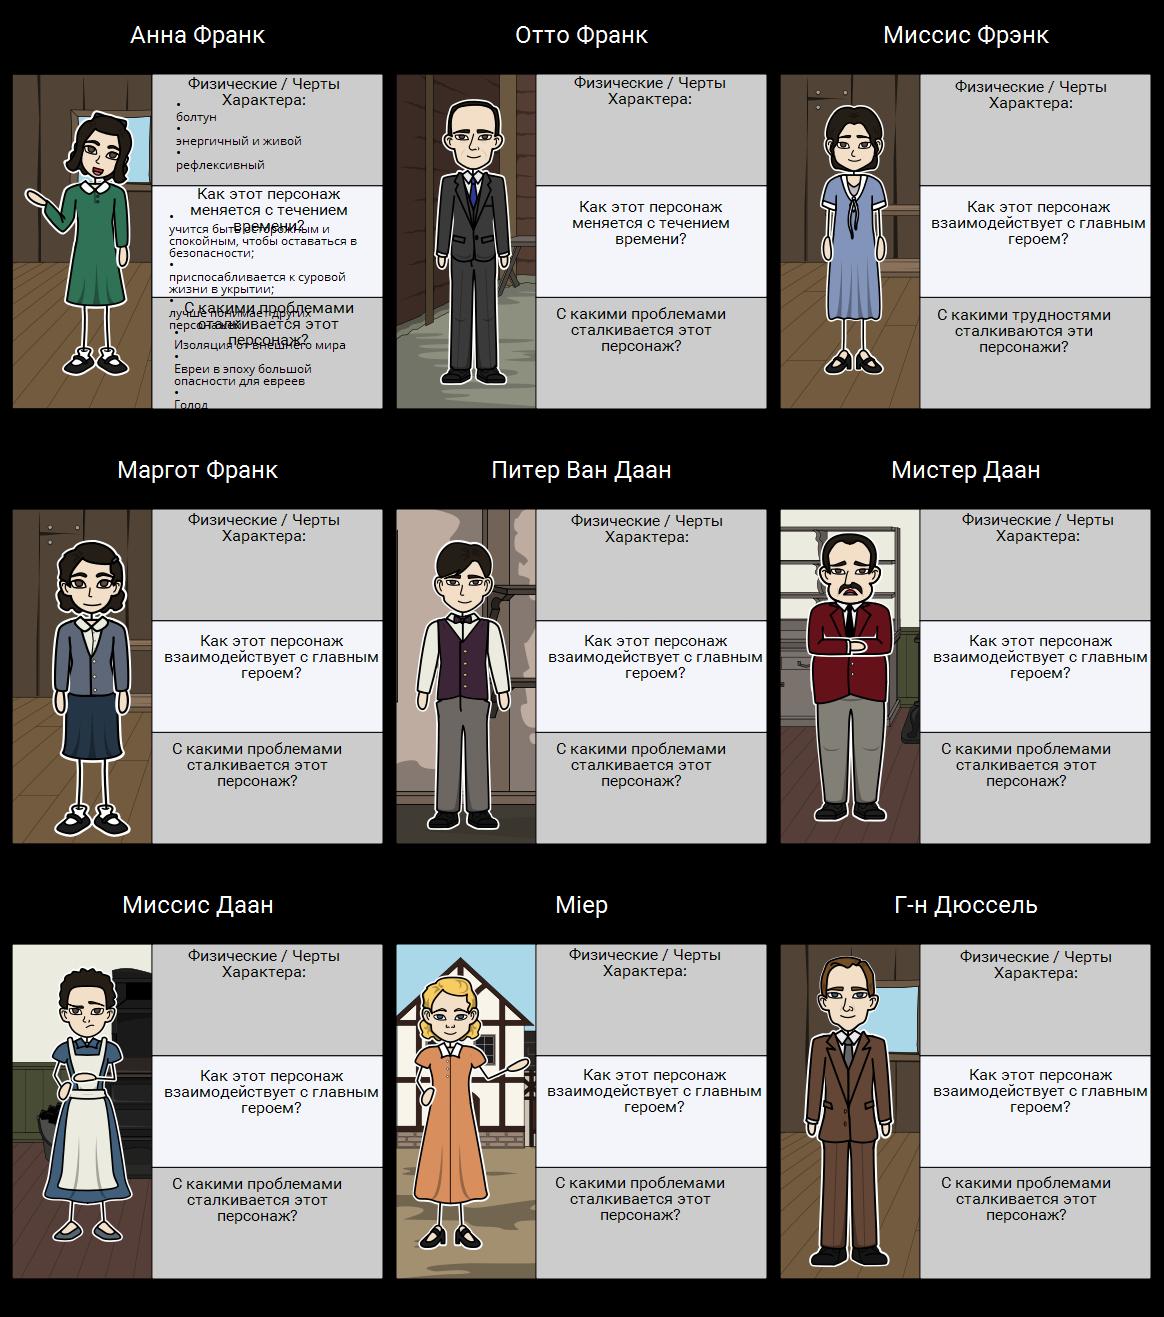 Анна Франк - Character Map